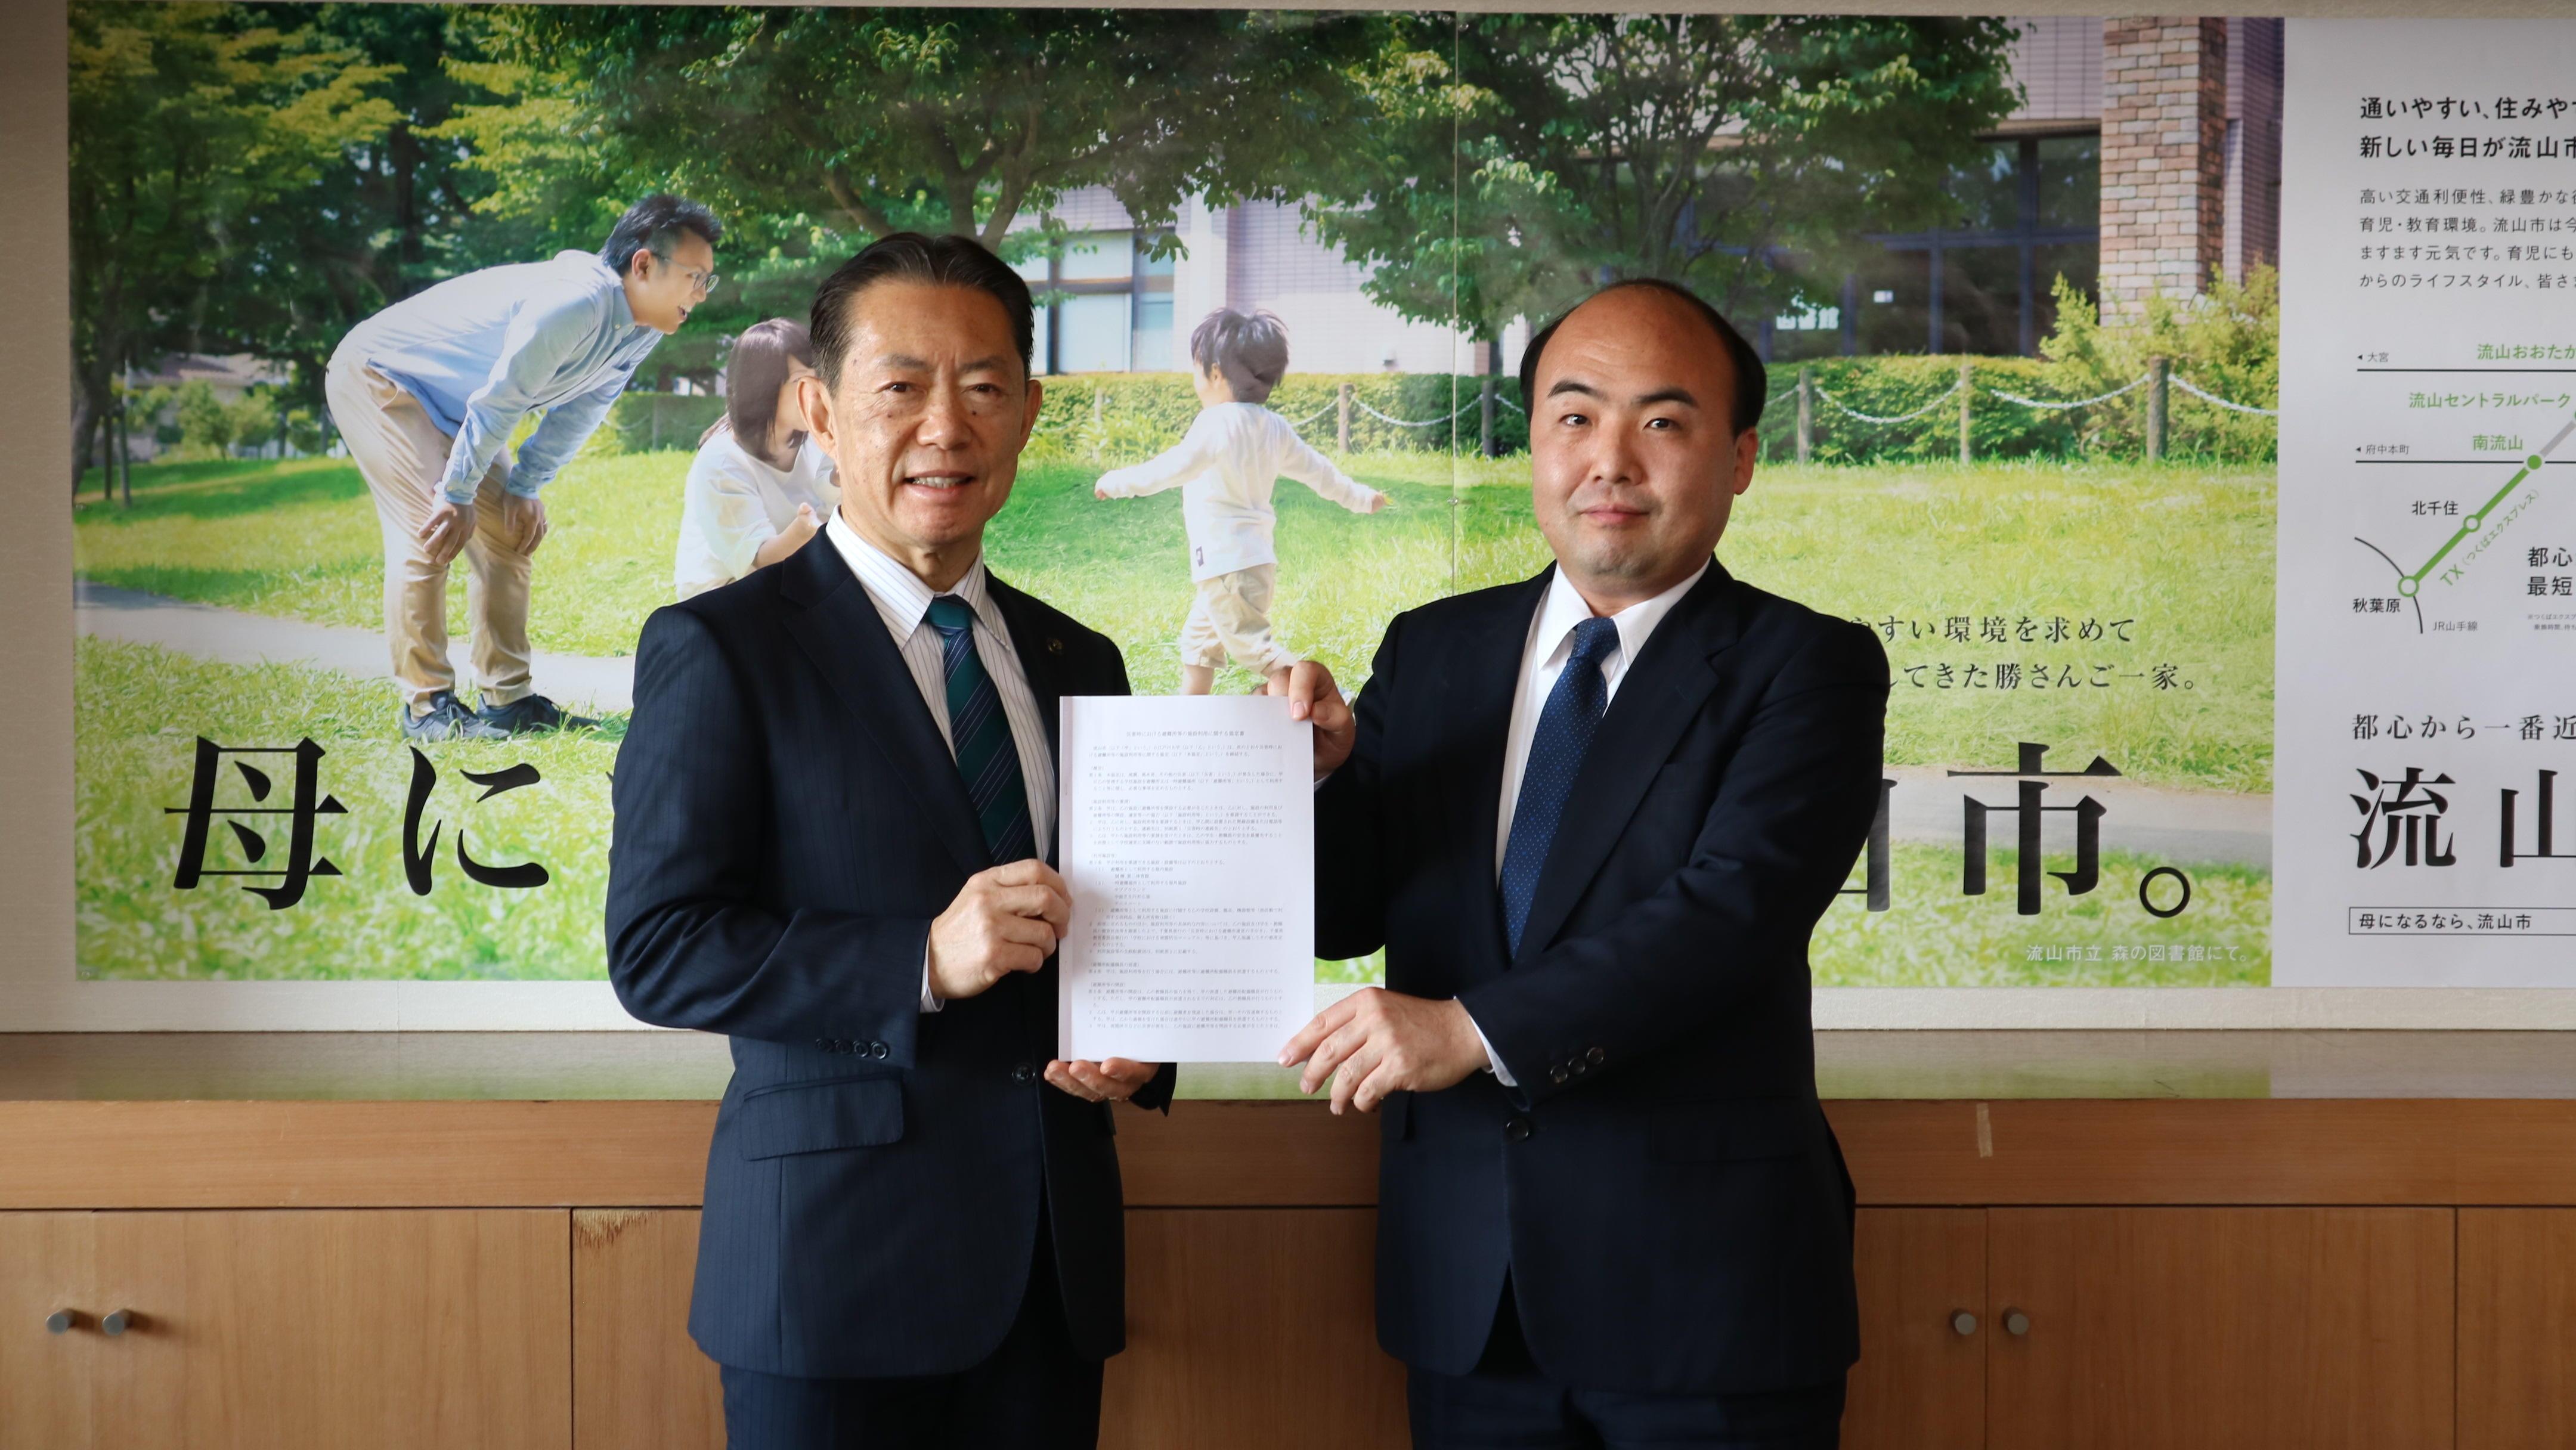 江戸川大学と千葉県流山市が災害応援協定を締結 -- 「地域に開かれた大学」として市民の生命・身体の保全に貢献